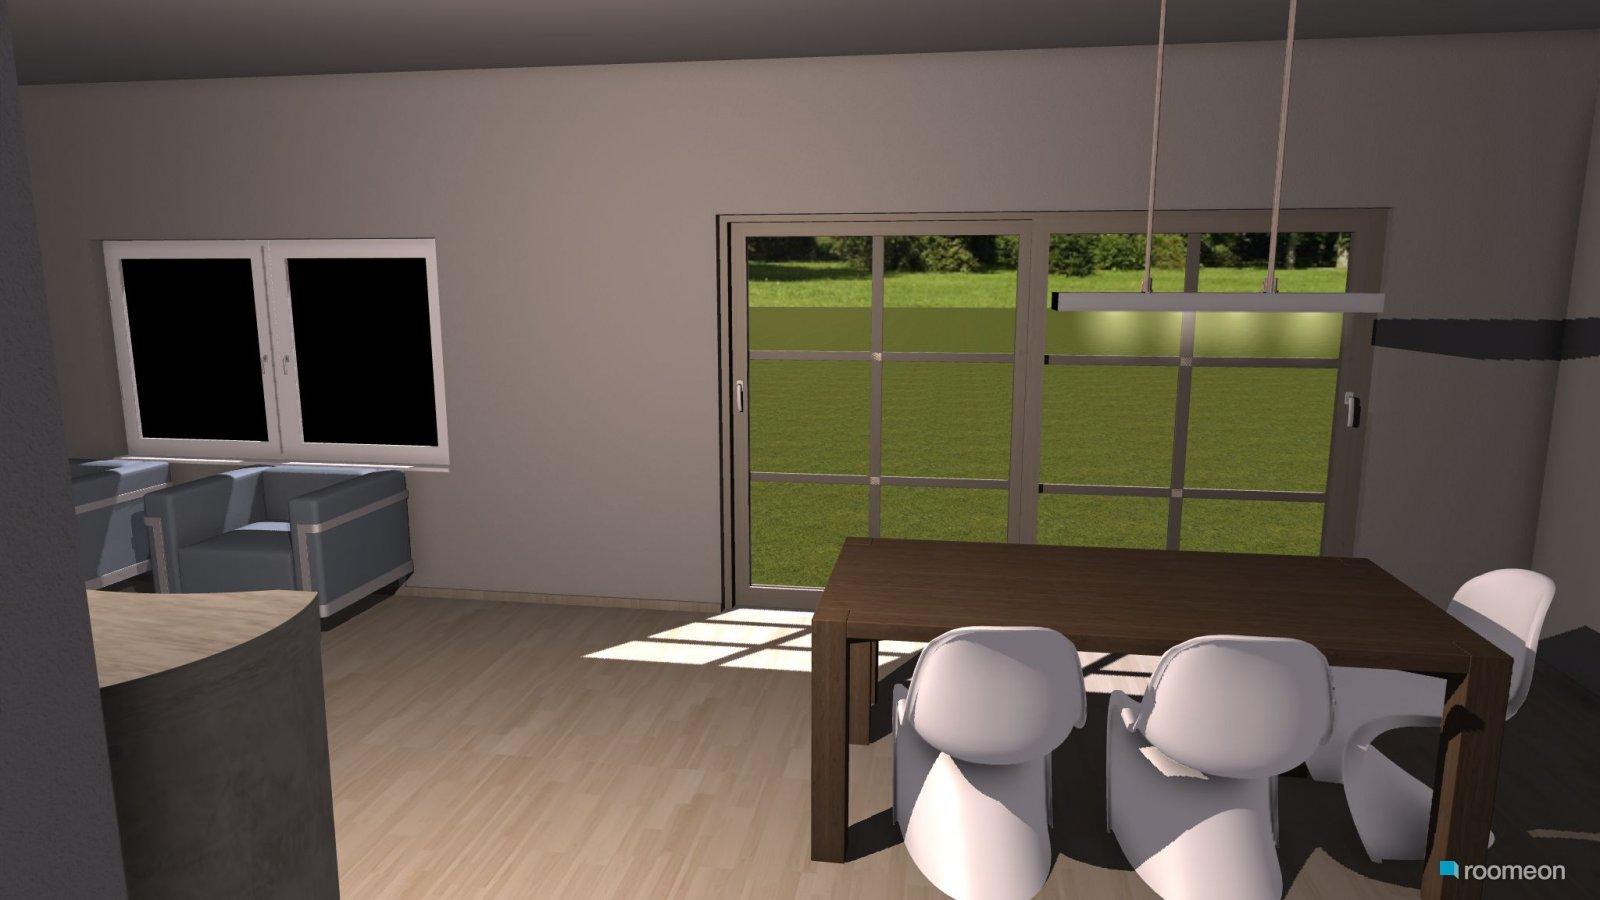 Designküche room design küche roomeon community